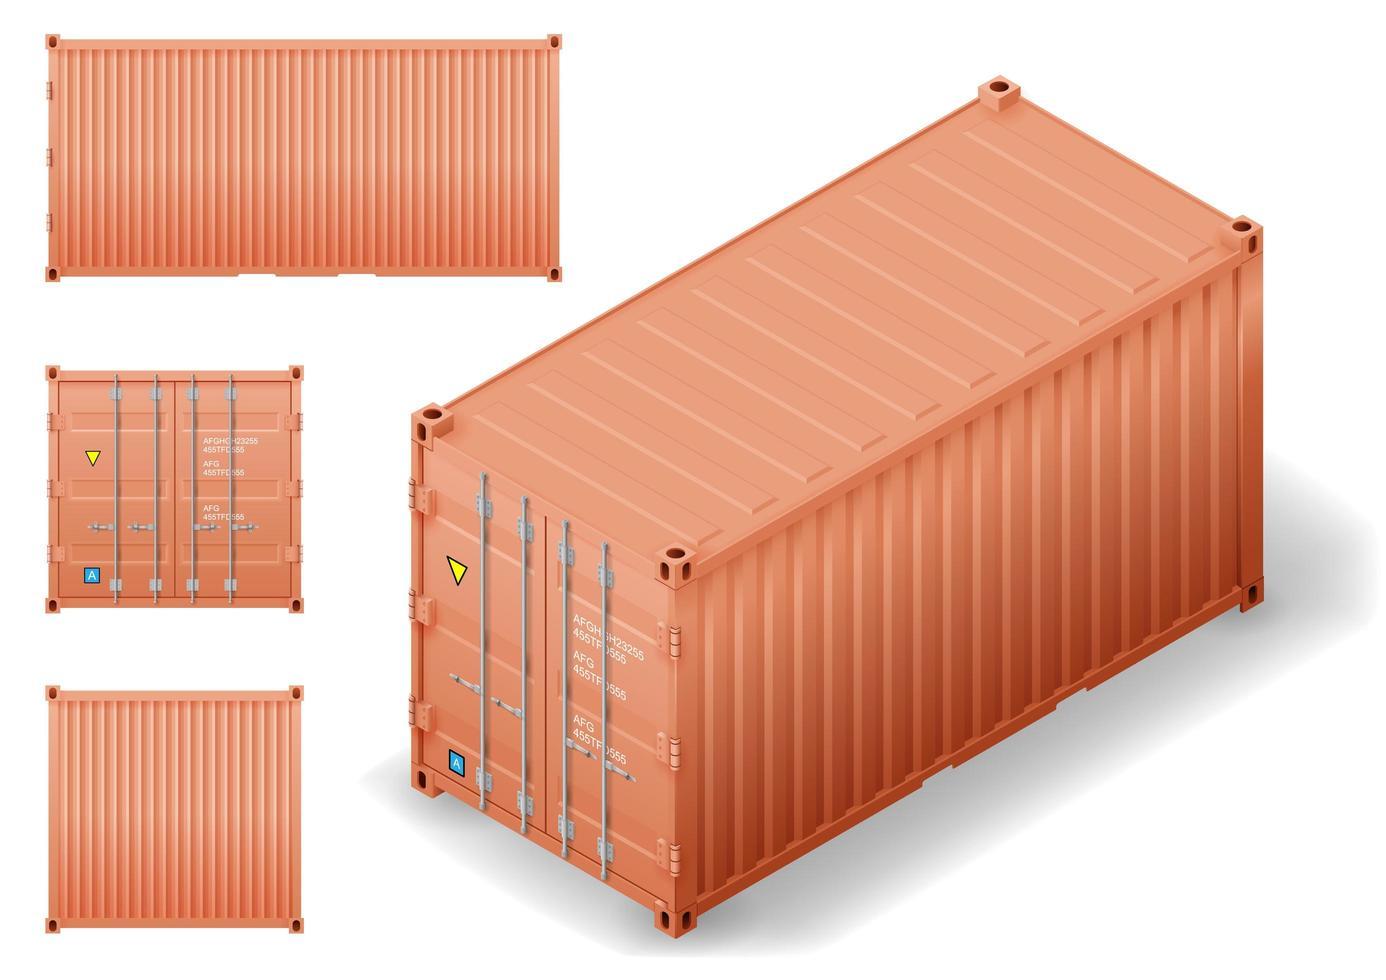 isometria do contêiner marítimo de transporte de carga vetor